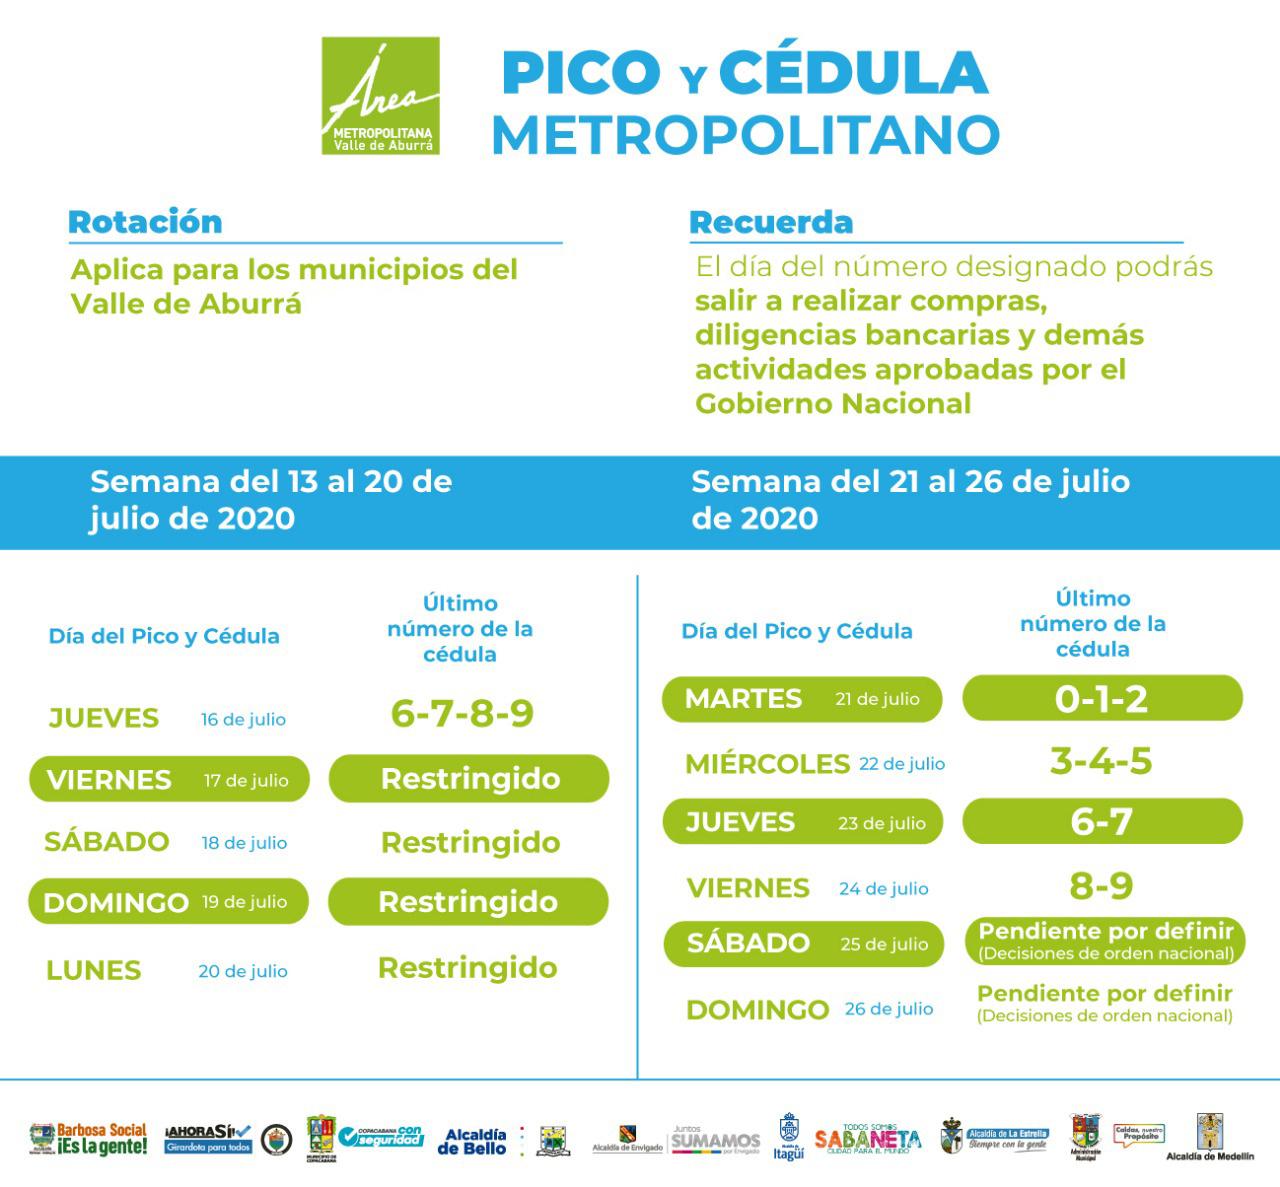 Pico y cédula del 15 al 26 de julio en 8 municipios del área metropolitana